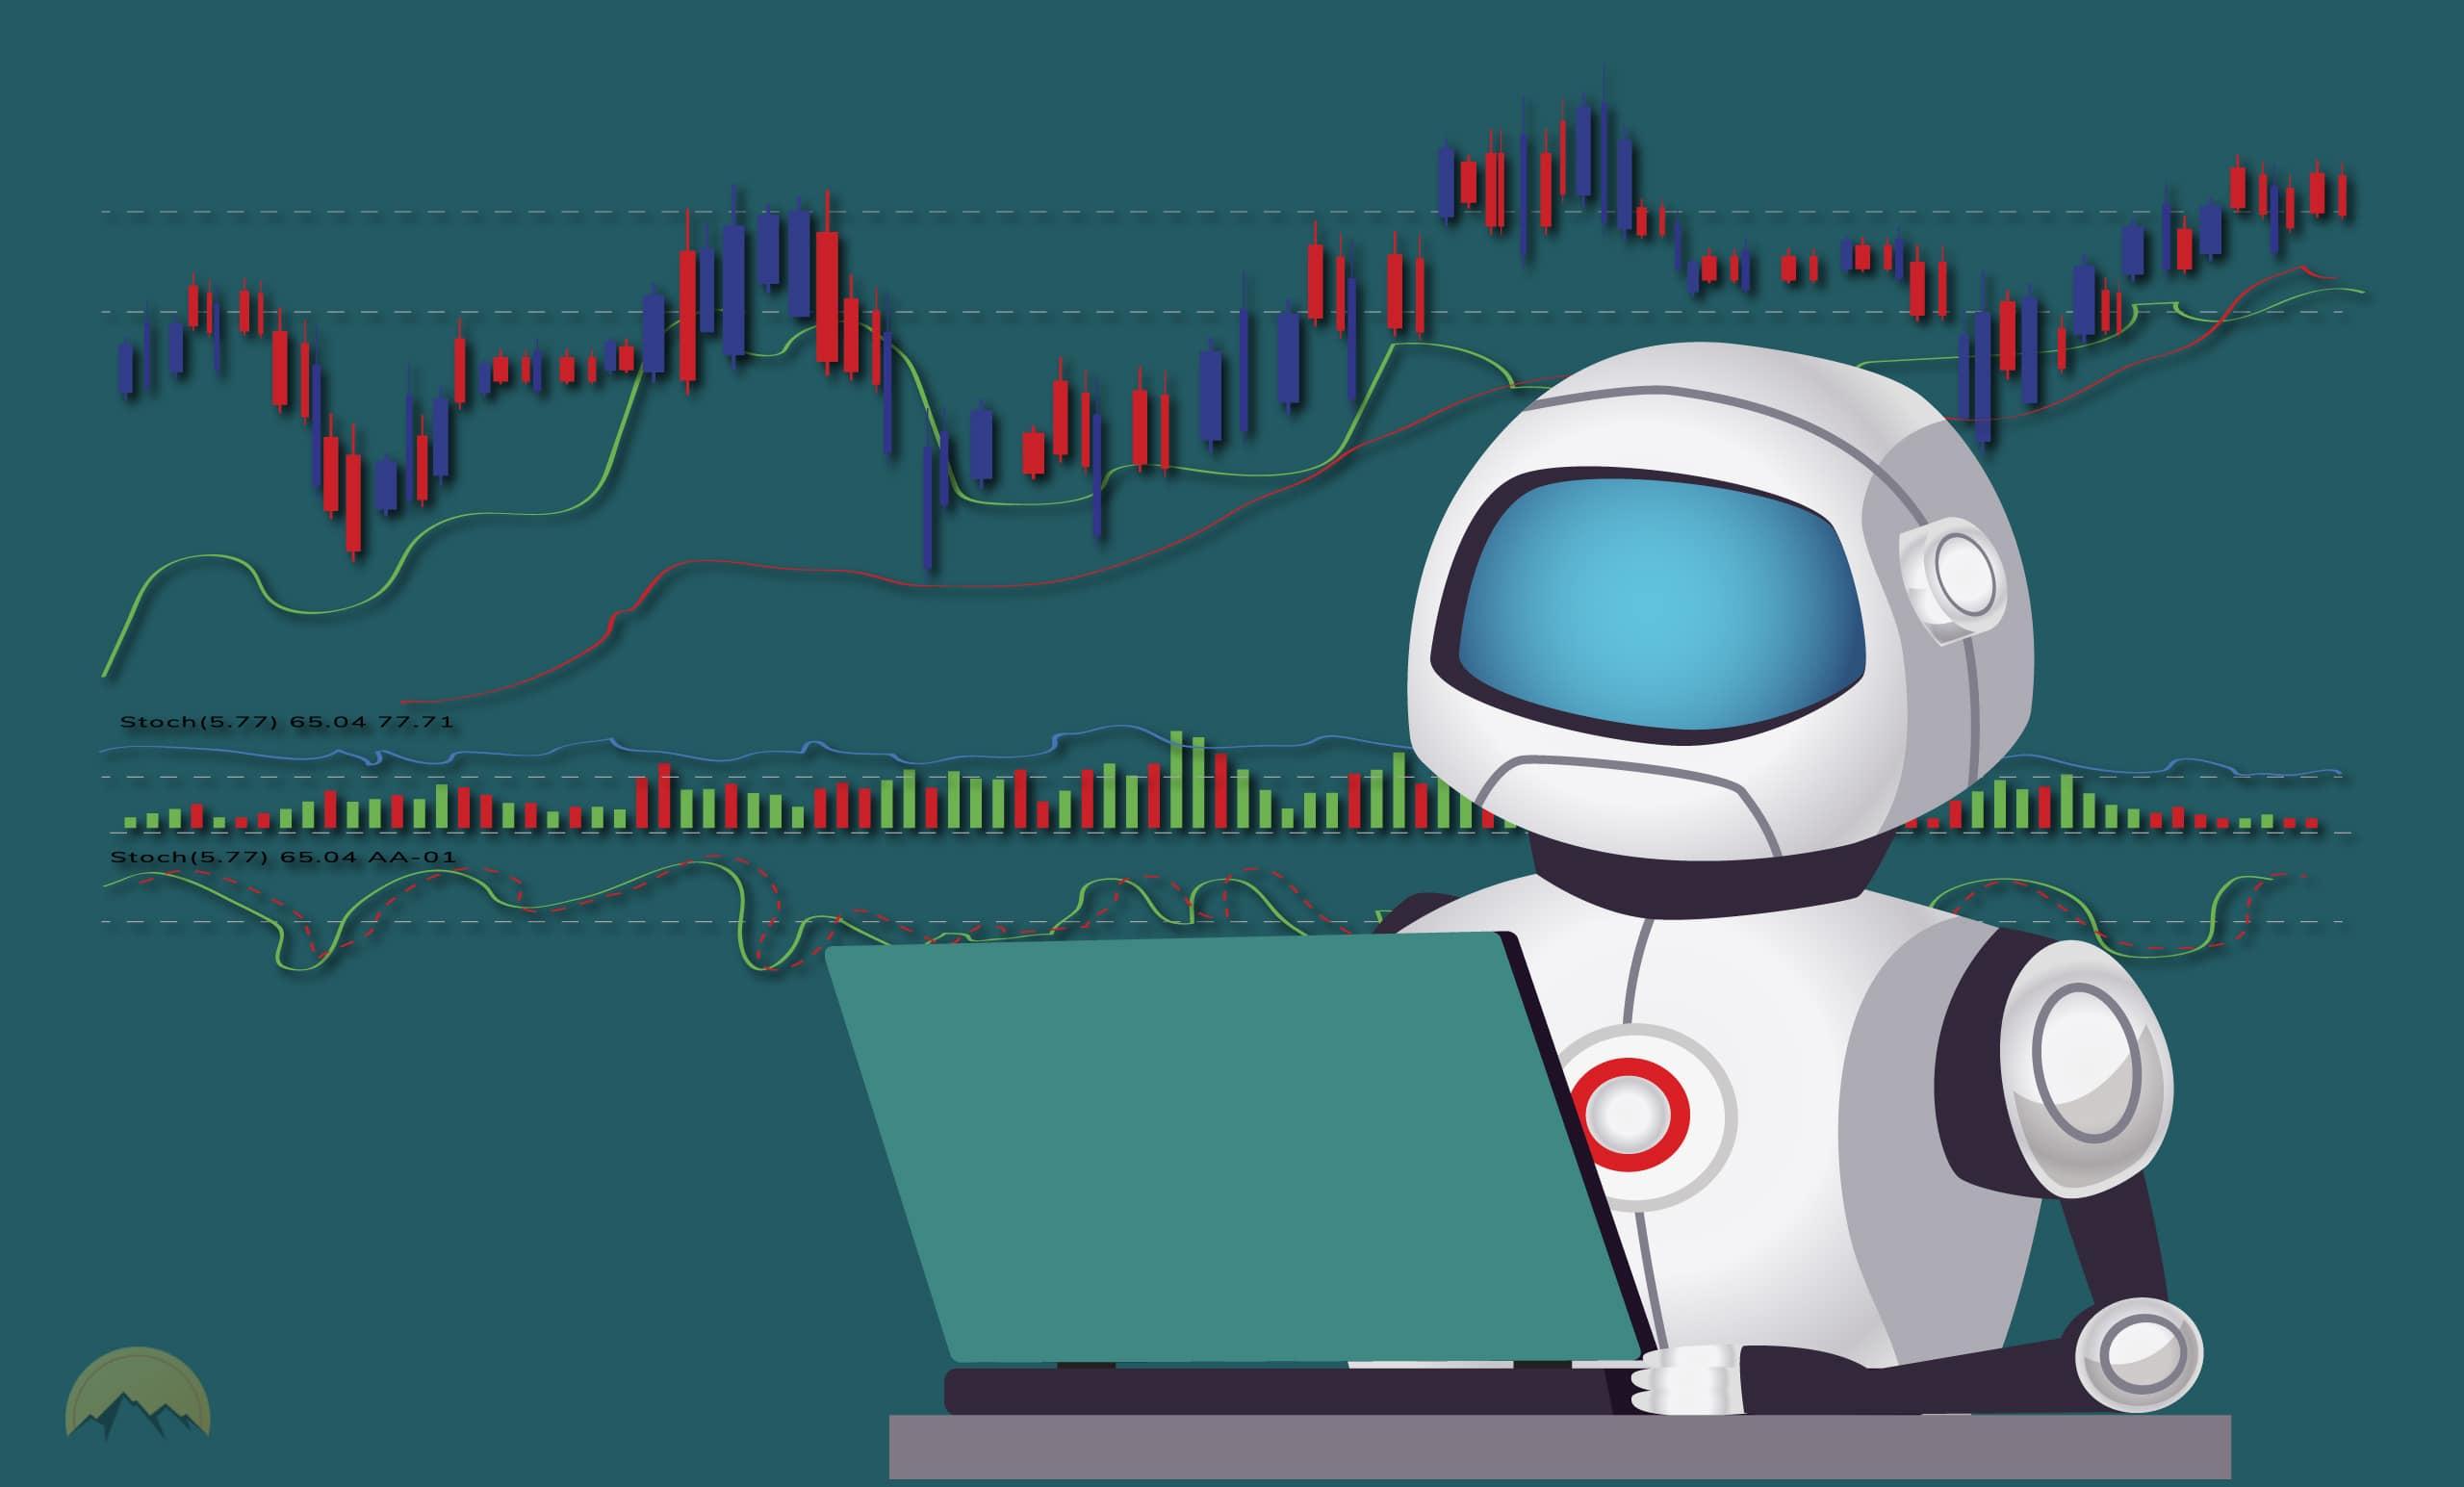 Robot Trade